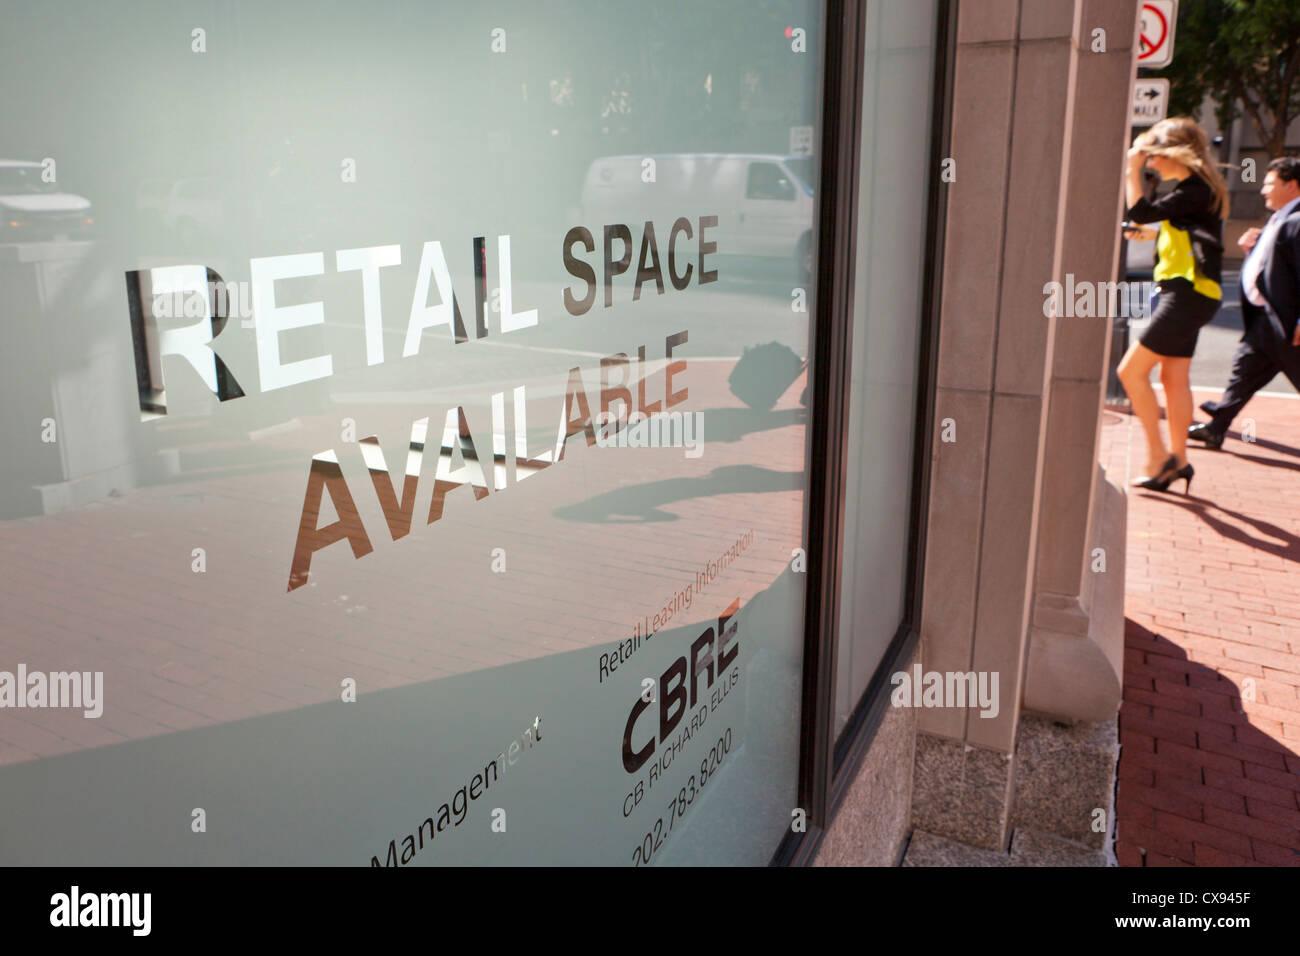 Spazio Retail Disponibile segno sulla finestra Immagini Stock